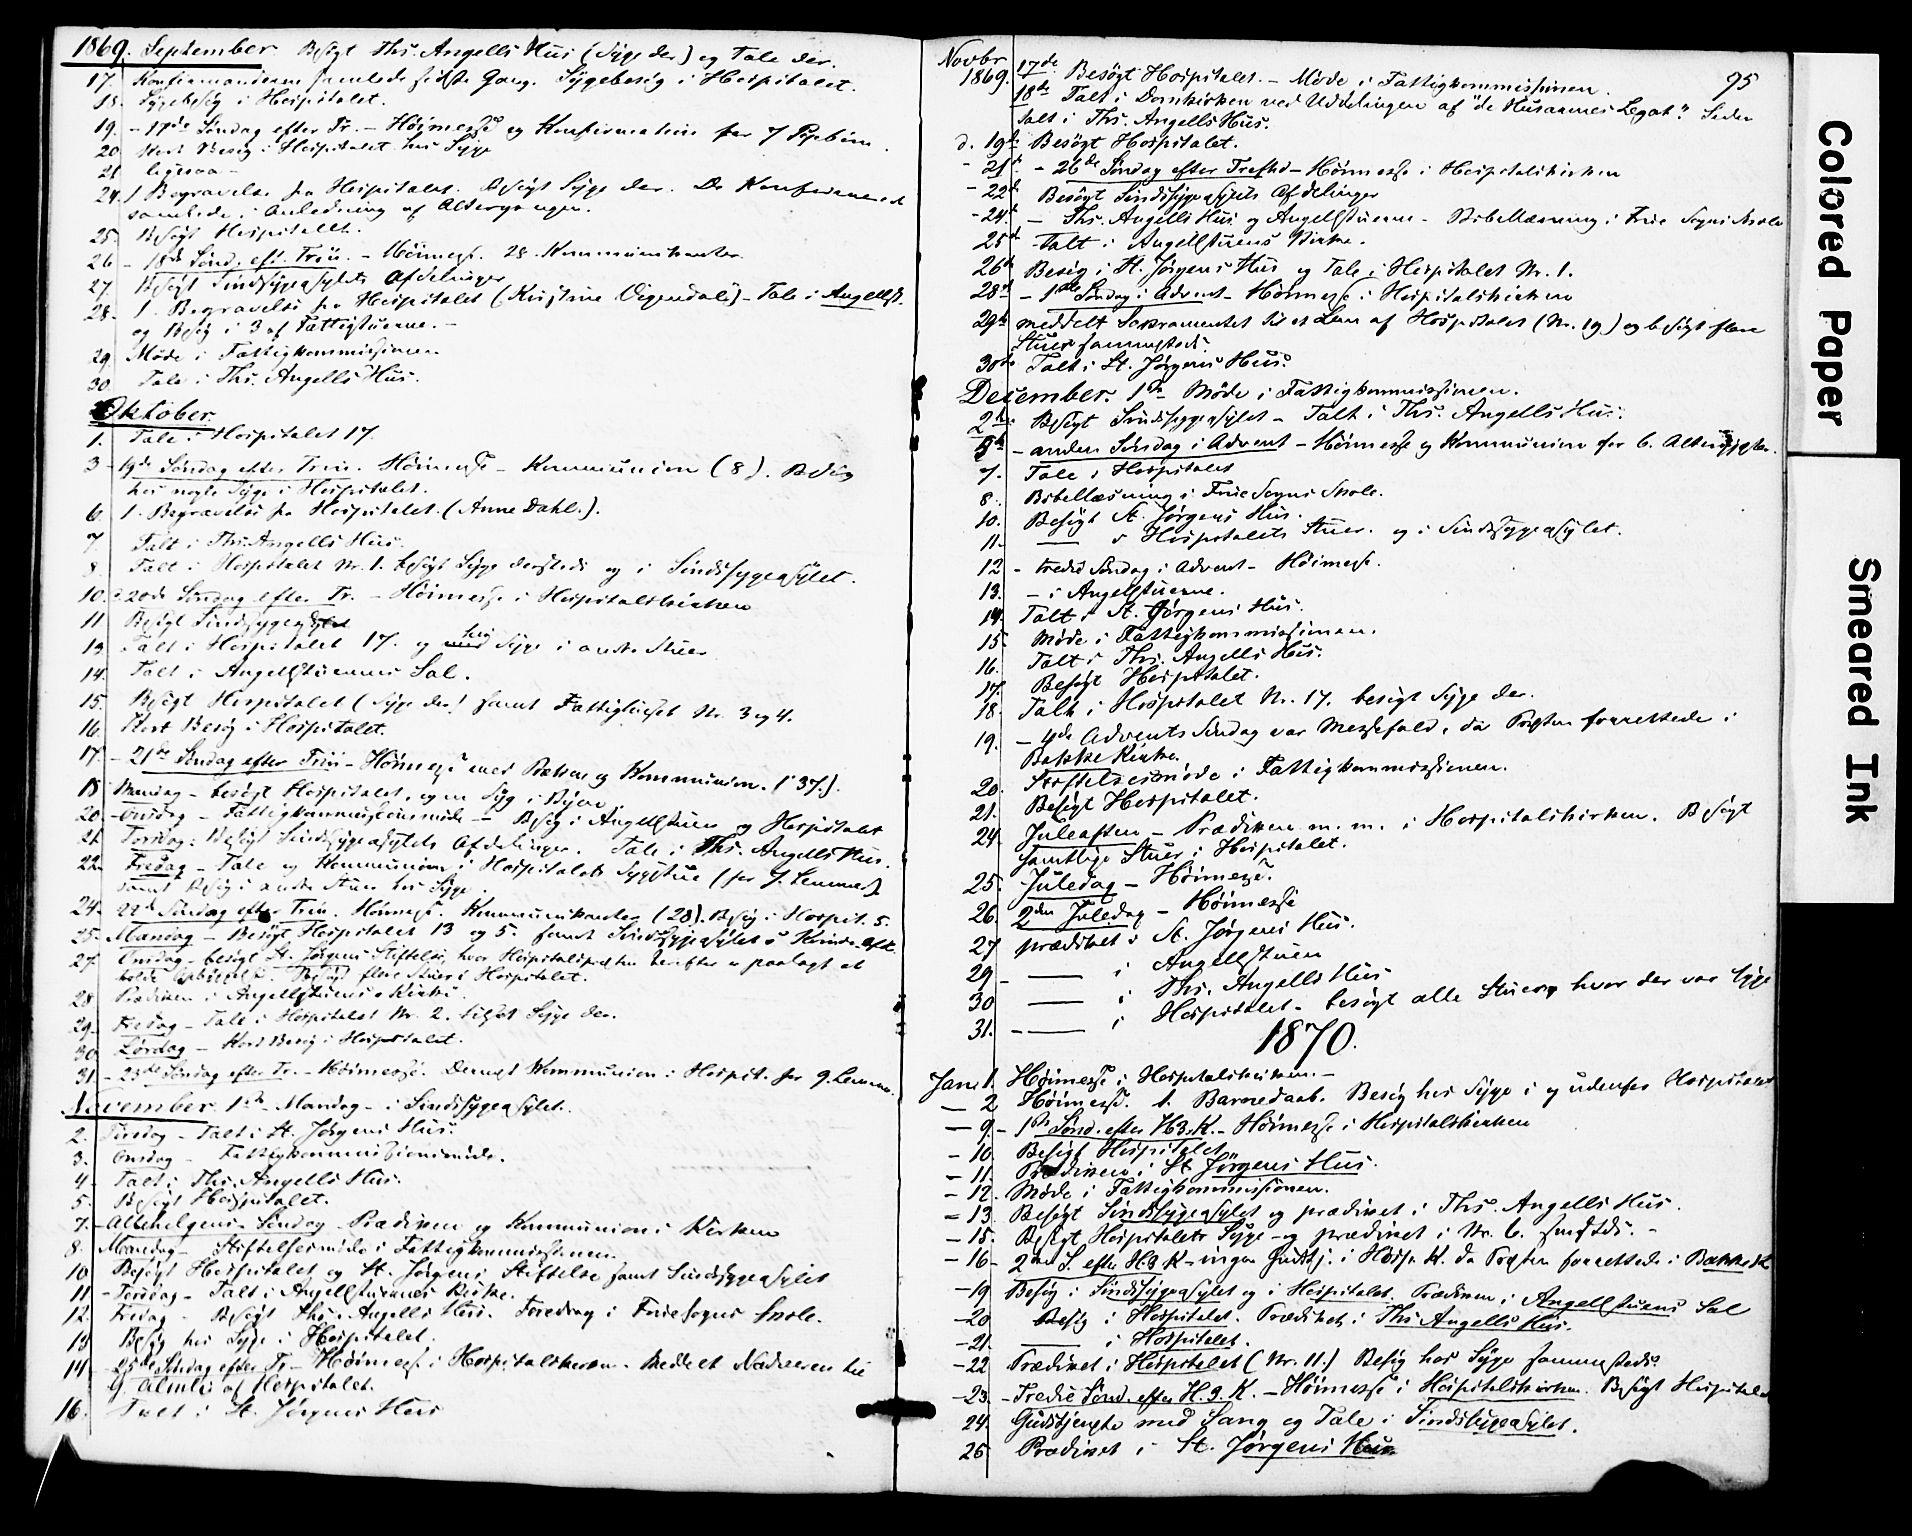 SAT, Ministerialprotokoller, klokkerbøker og fødselsregistre - Sør-Trøndelag, 623/L0469: Ministerialbok nr. 623A03, 1868-1883, s. 95